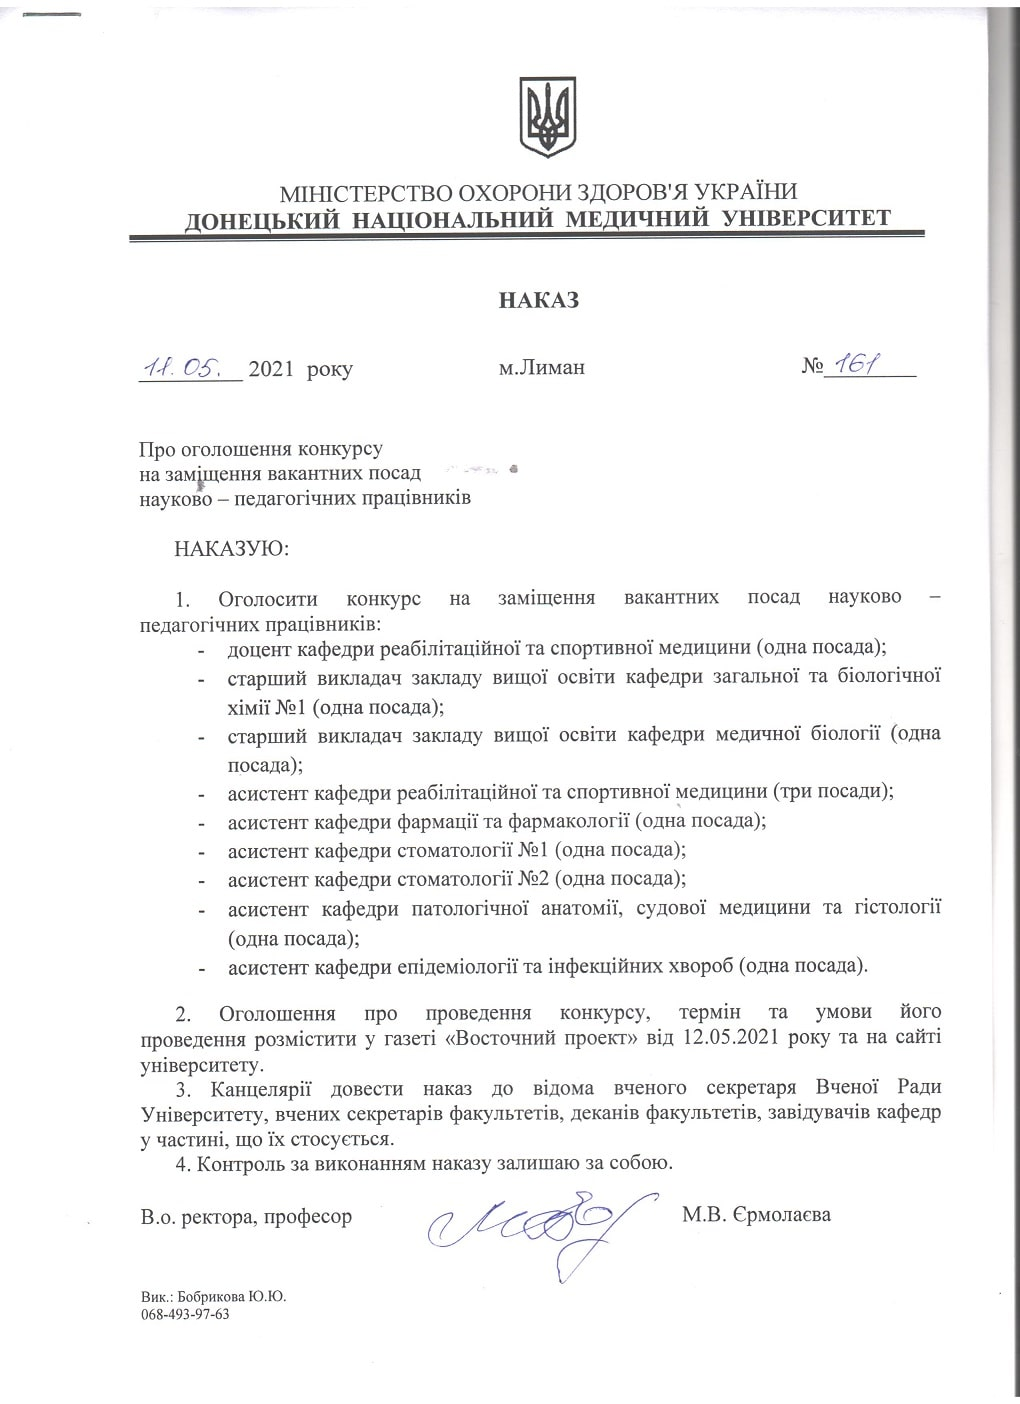 Наказ №161 Про оголошення конкурсу на заміщення вакантних посад науково-педагогічниї працівників від 11.05.2021